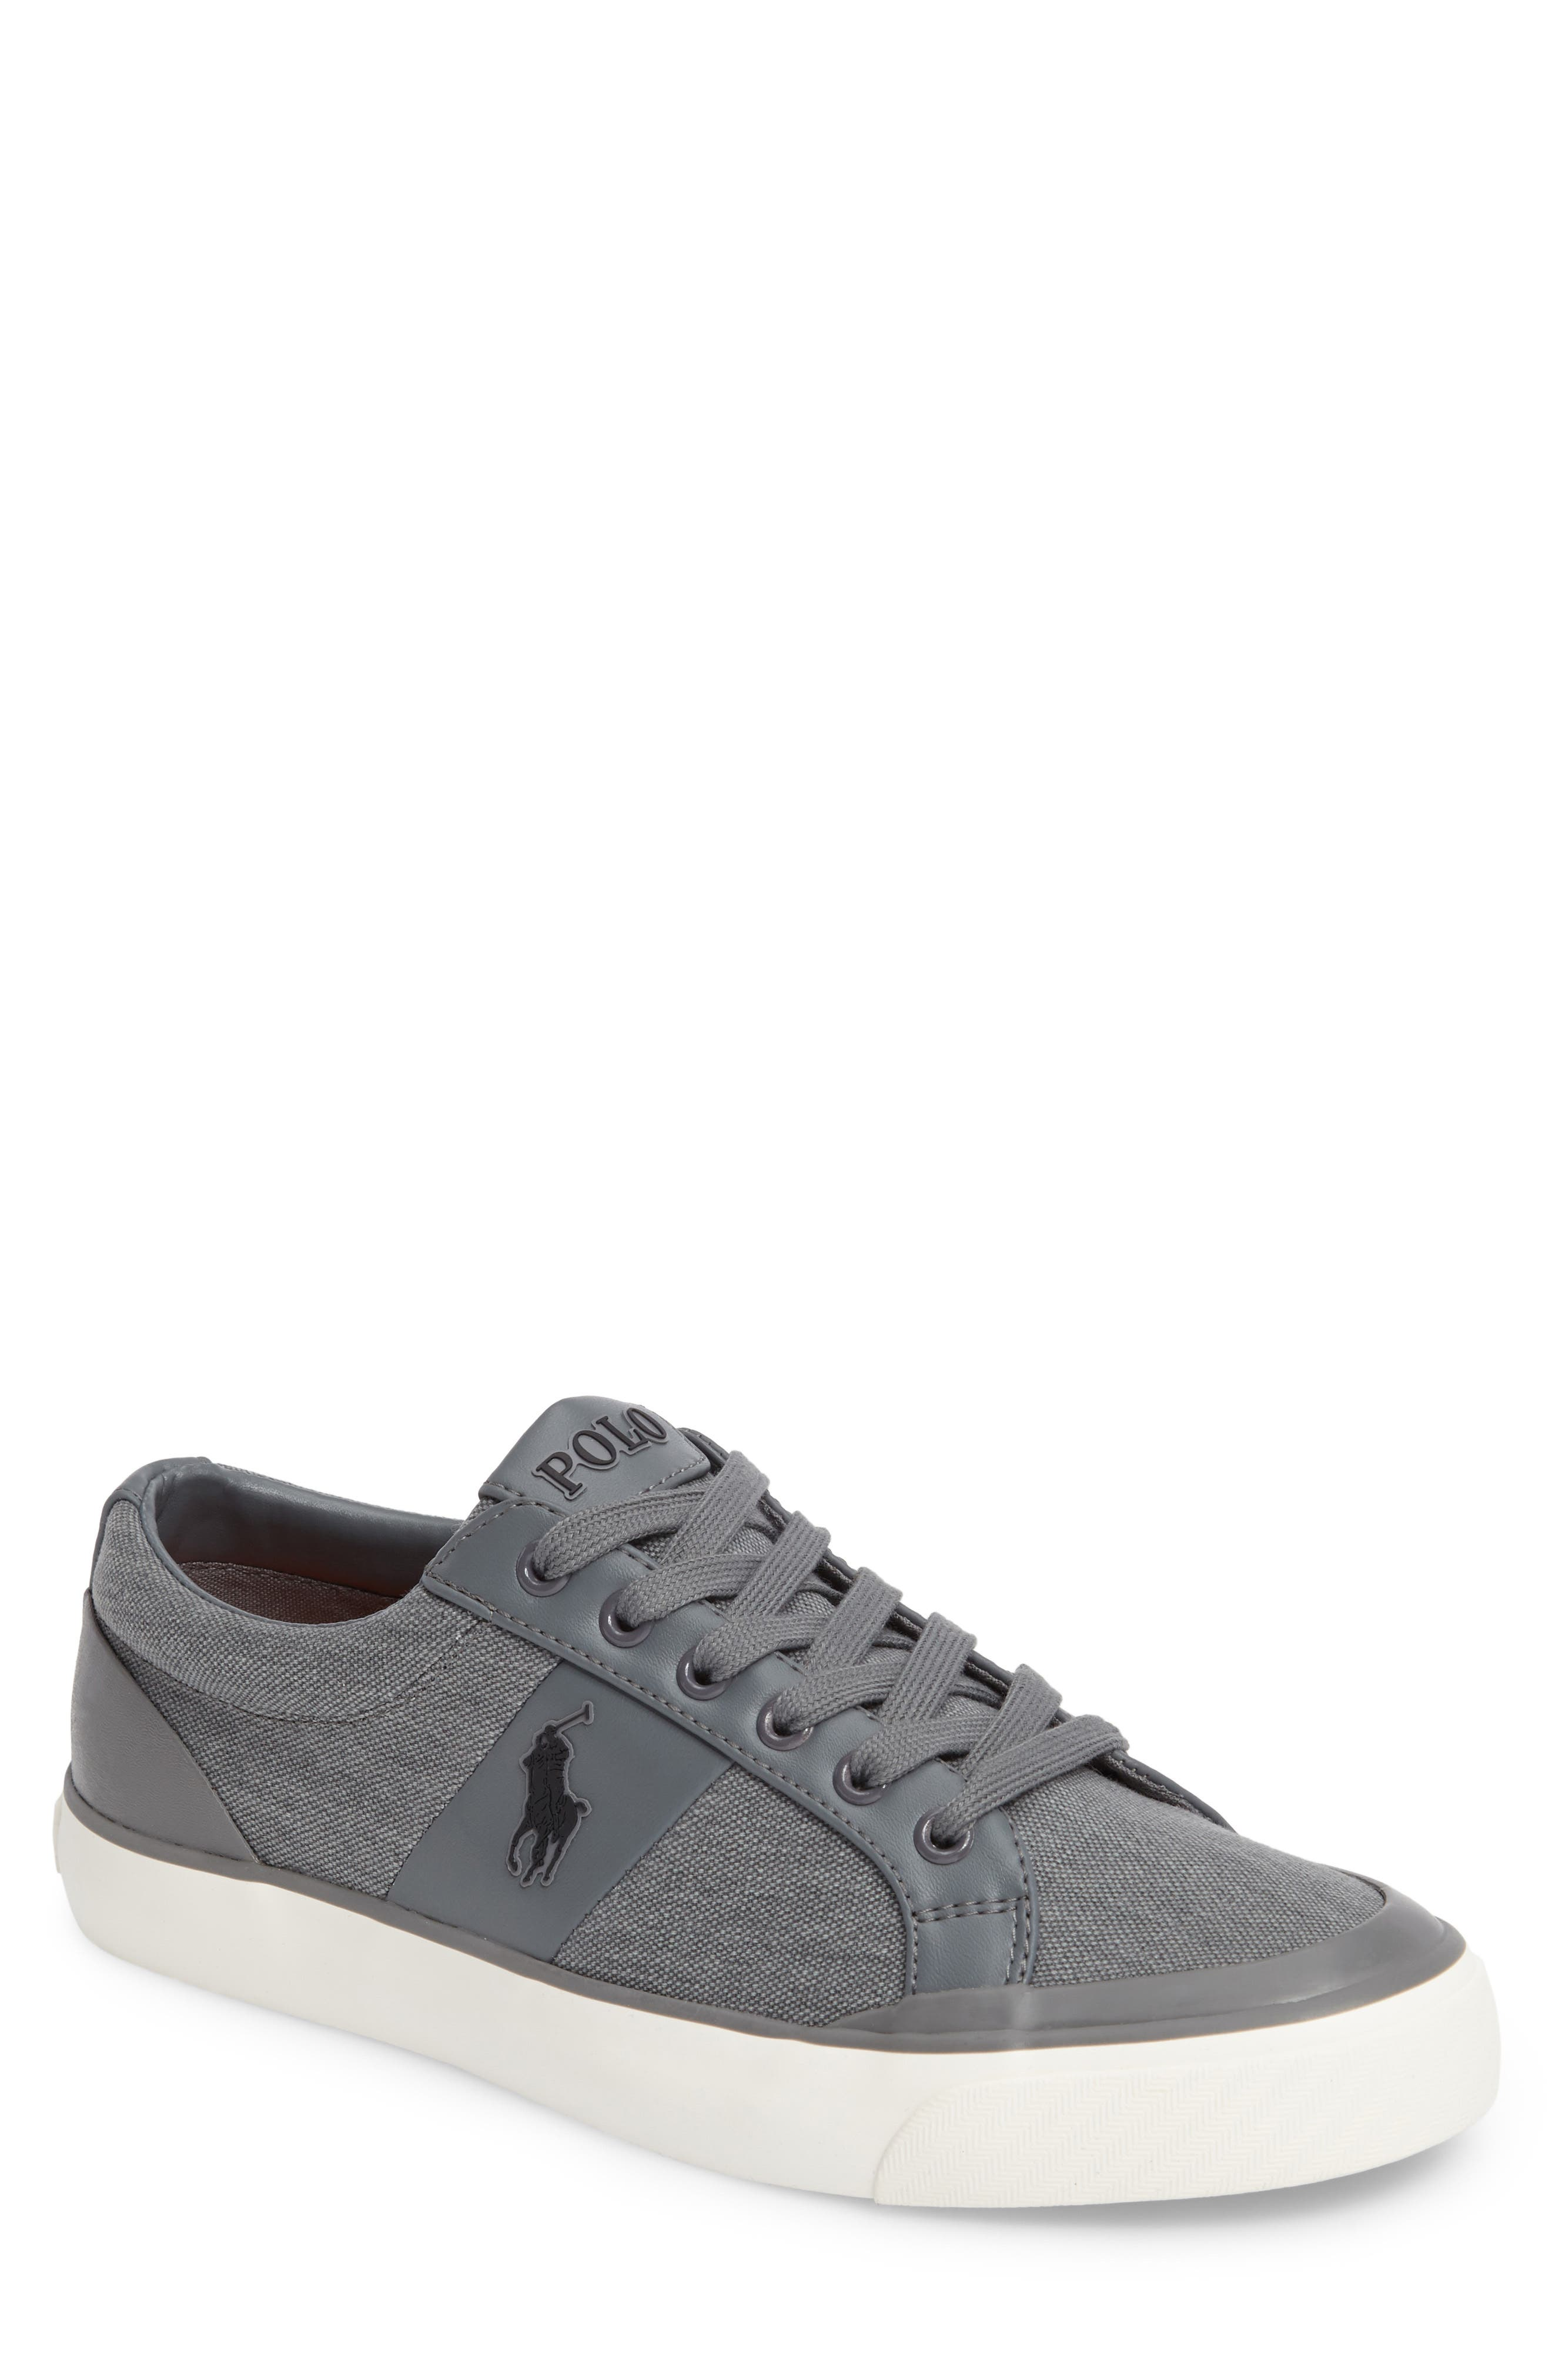 Polo Ralph Lauren Ian Sneaker,                             Main thumbnail 1, color,                             Slate